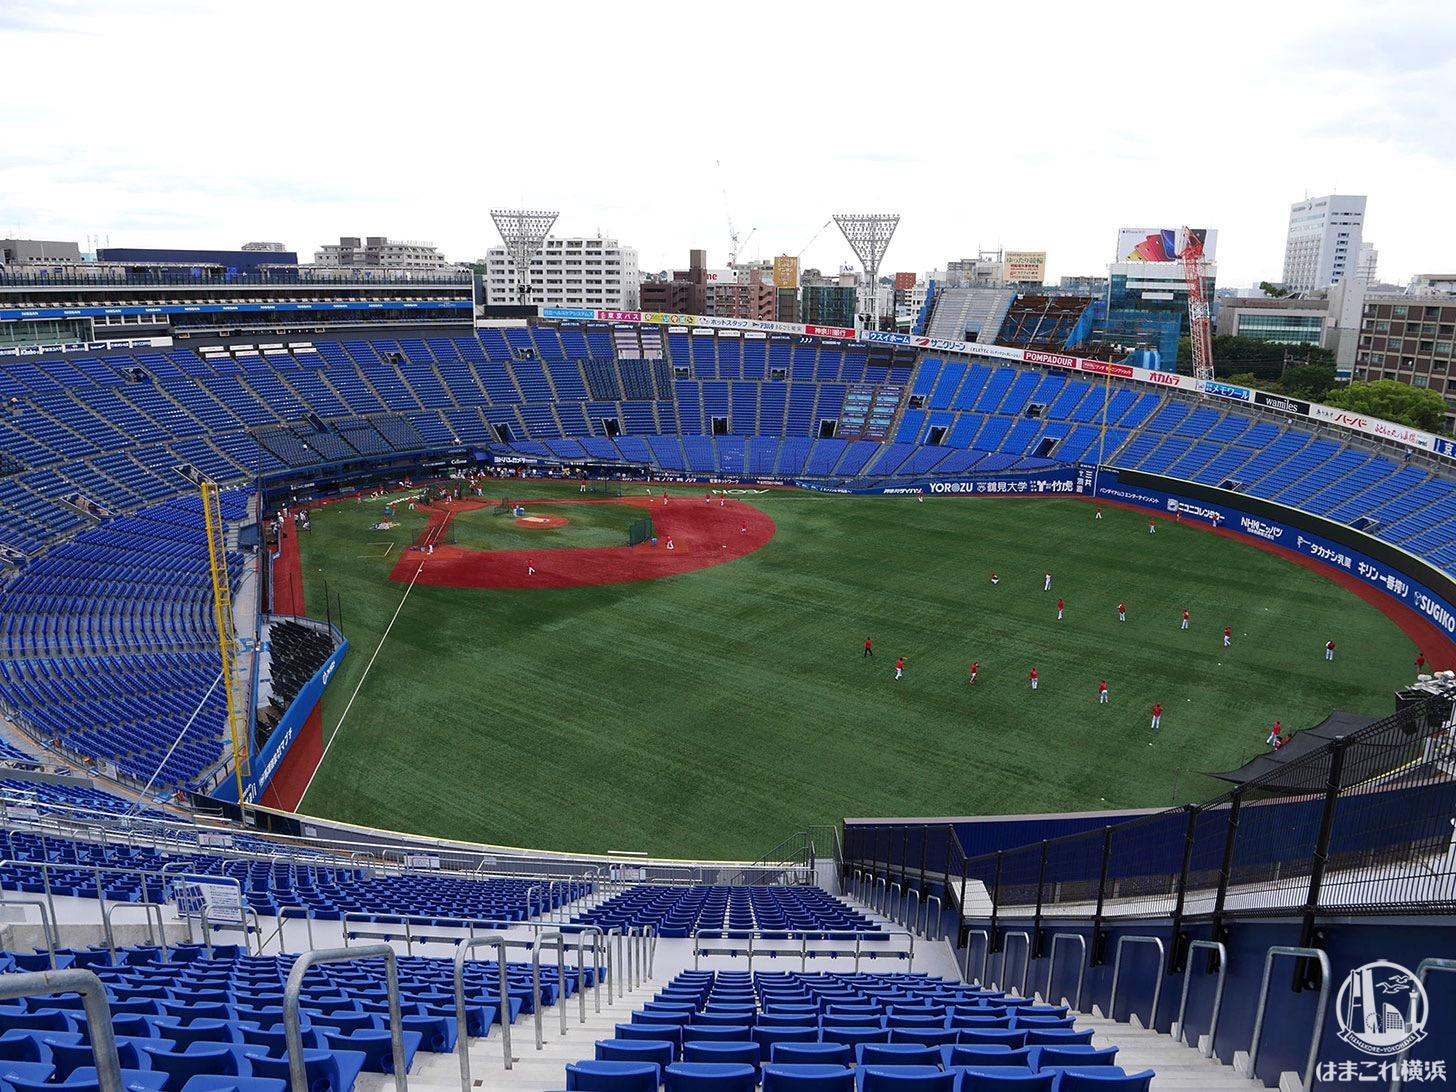 横浜スタジアム「ウィング席」観戦徹底レポ!感想・指定席最安値・注意点など